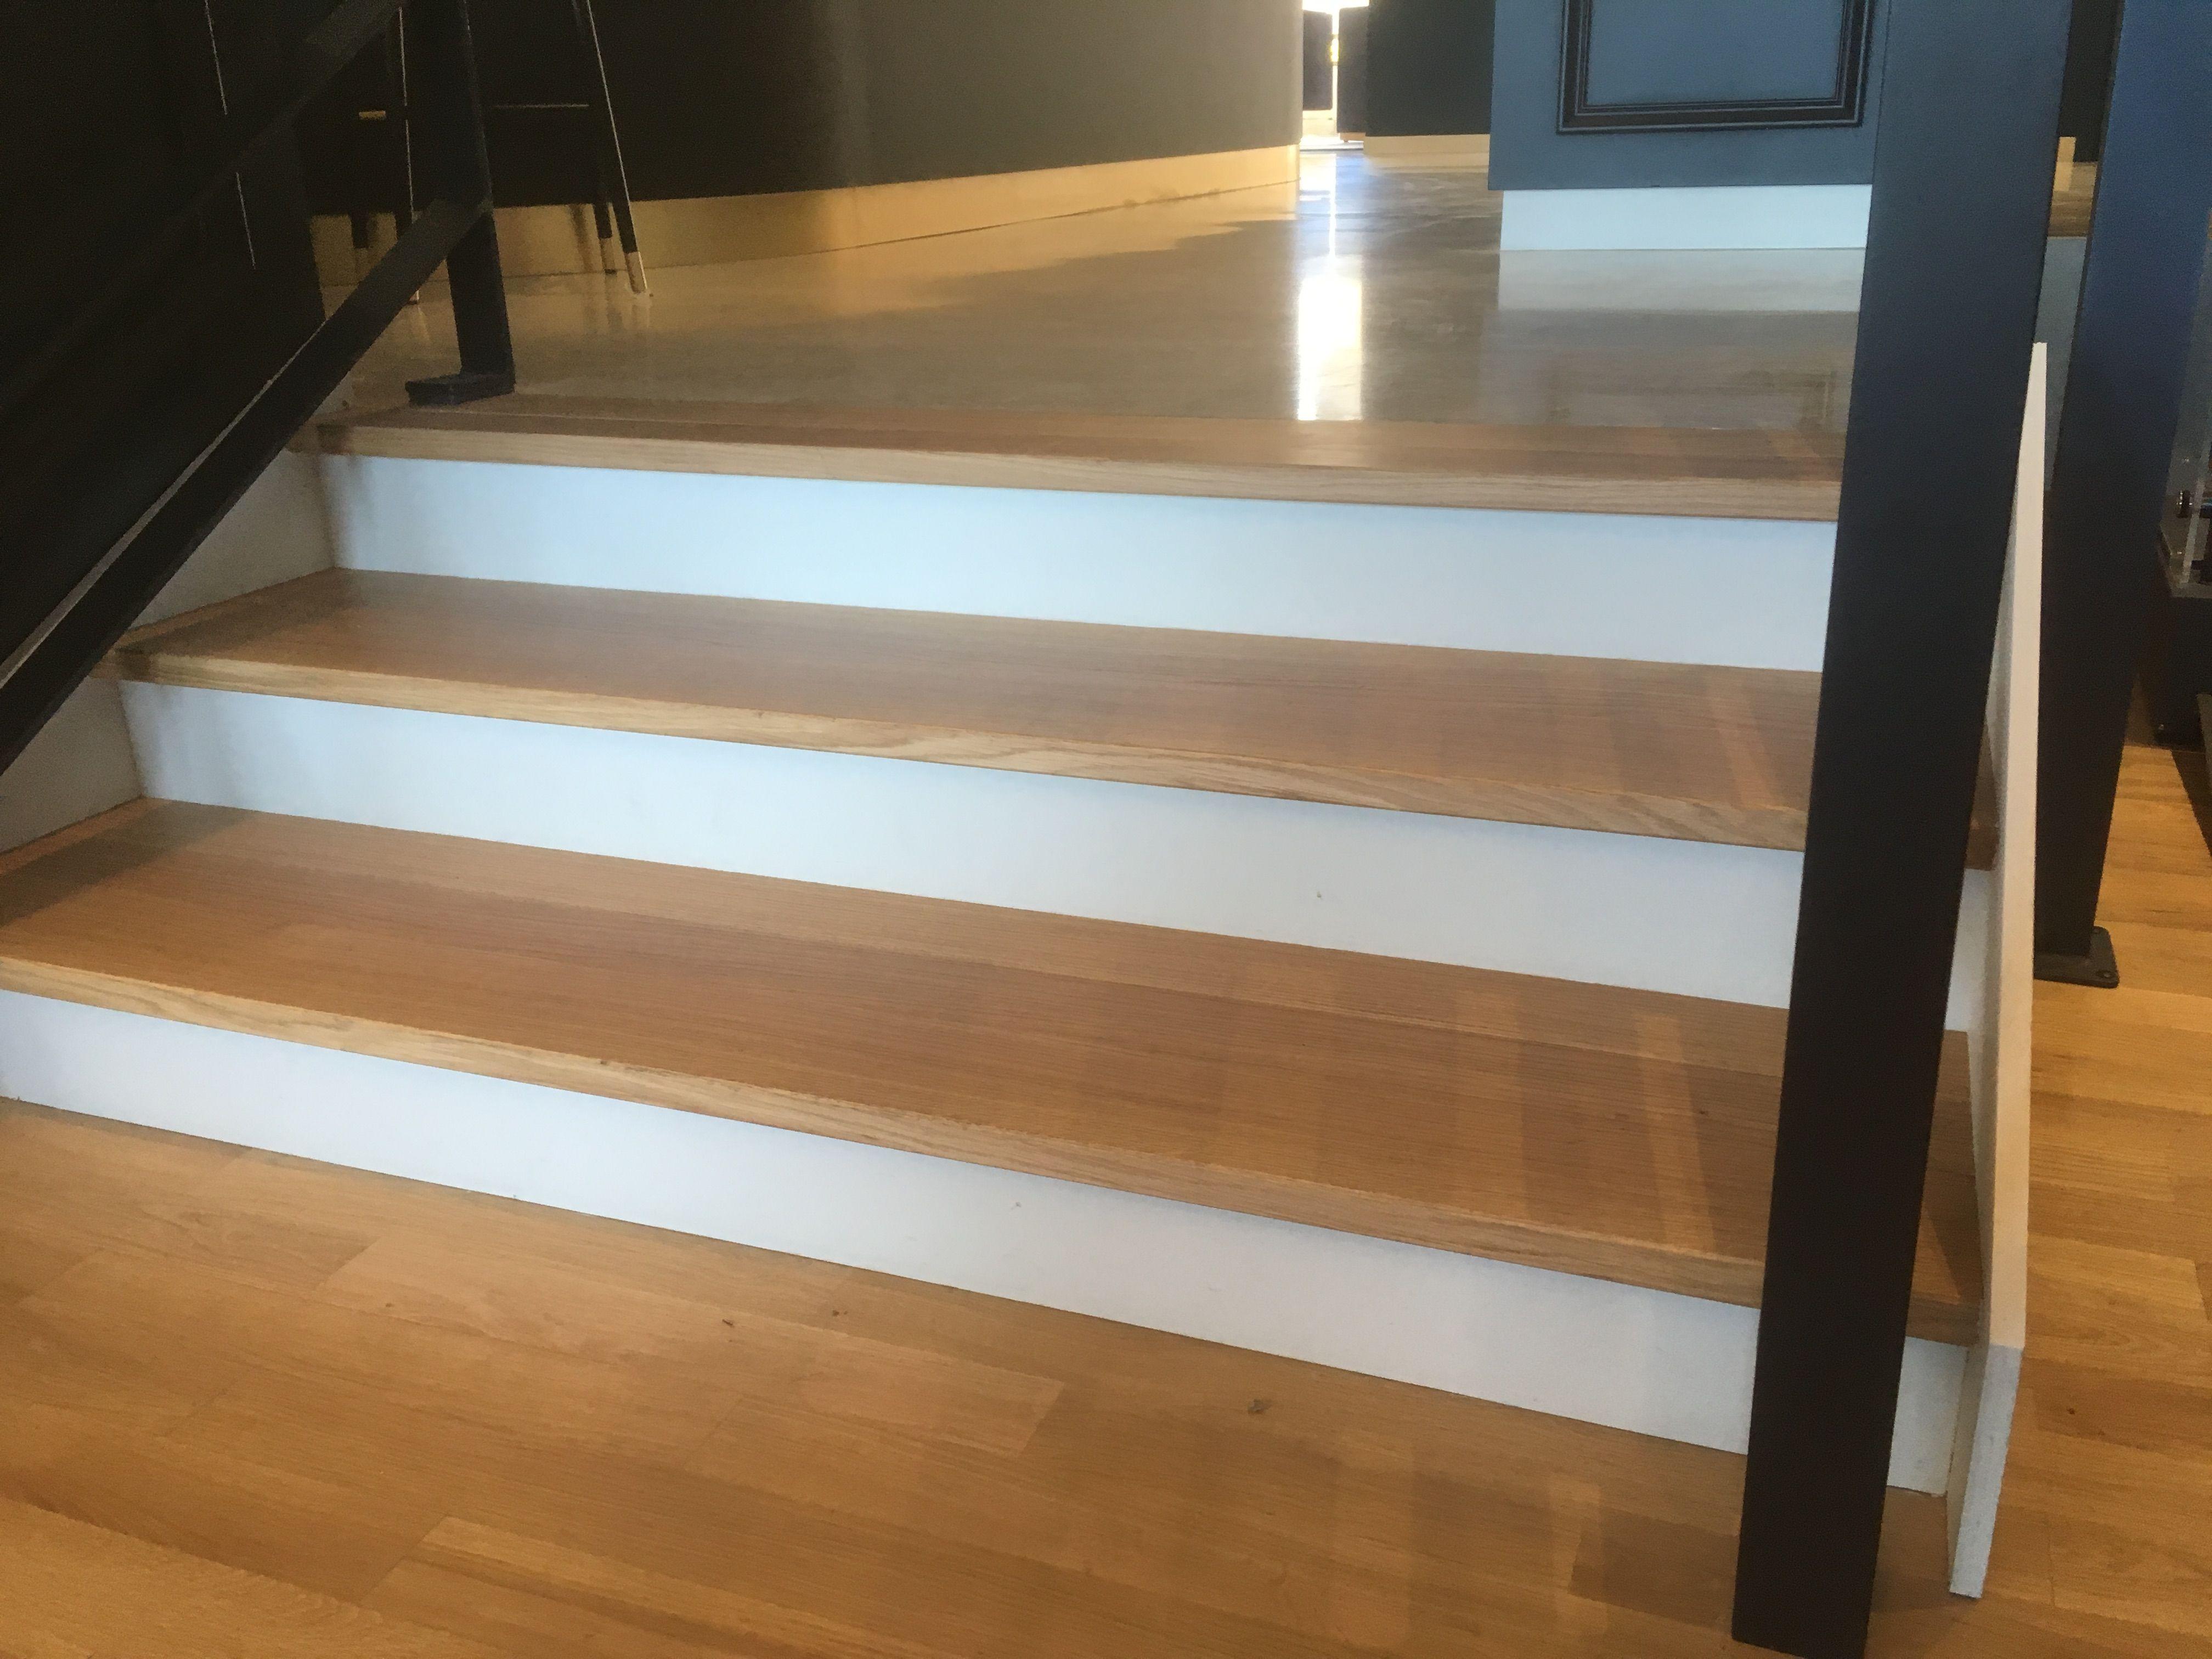 Rénovation Salle De Bain Morlaix un escalier bicolore mettra en valeur votre intérieur